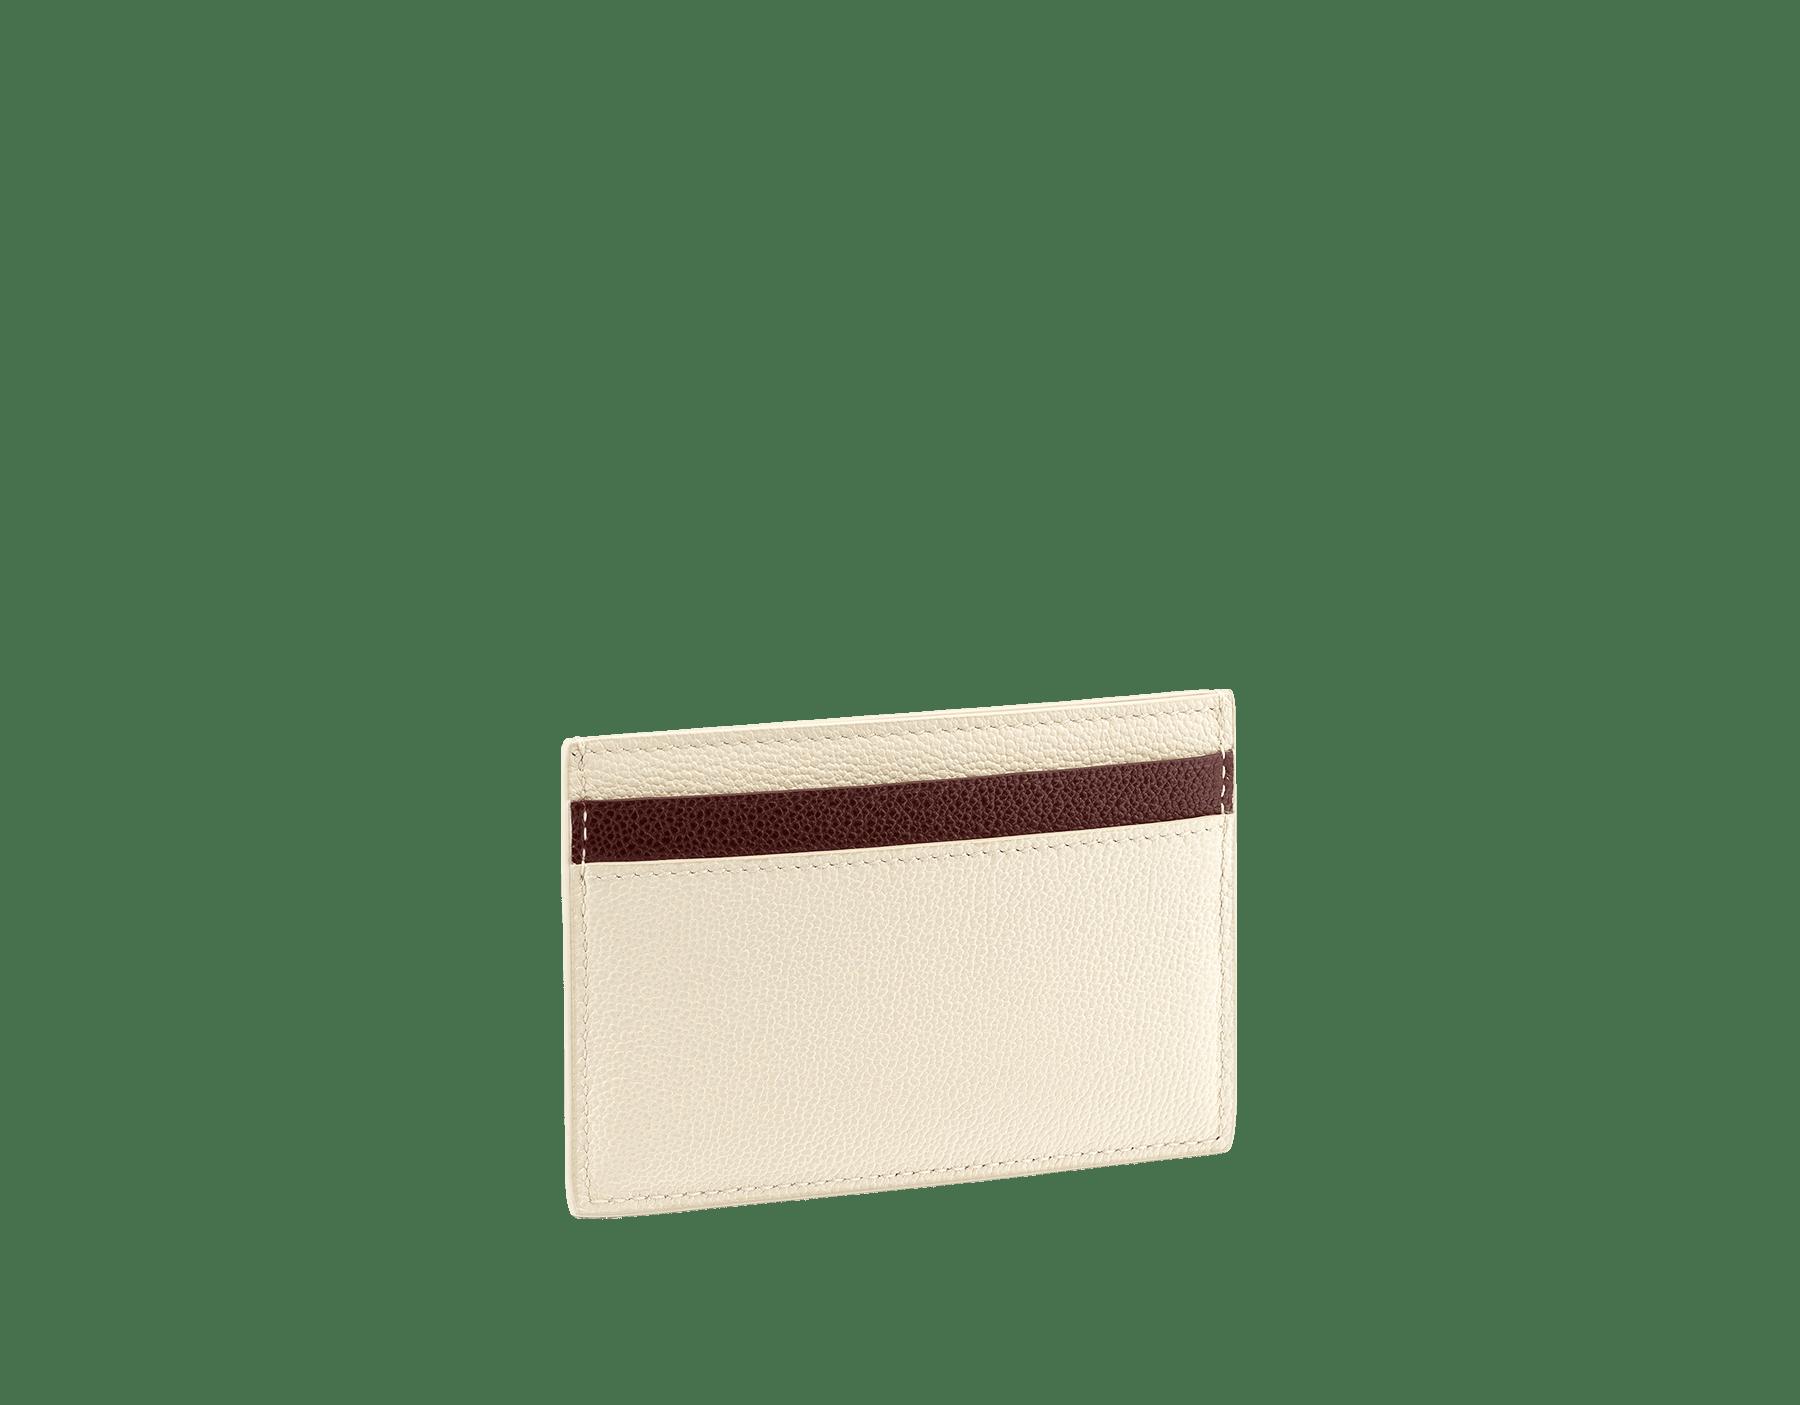 Мужской футляр для кредитных карт BVLGARI BVLGARI, зерненая кожа теленка черного цвета с узором Urban, зеленая зерненая кожа теленка оттенка Forest Emerald с узором Urban. Фирменный декор в виде логотипа из латуни с покрытием из темного рутения, черная эмаль. BBM-CCHOLDERASYM image 2